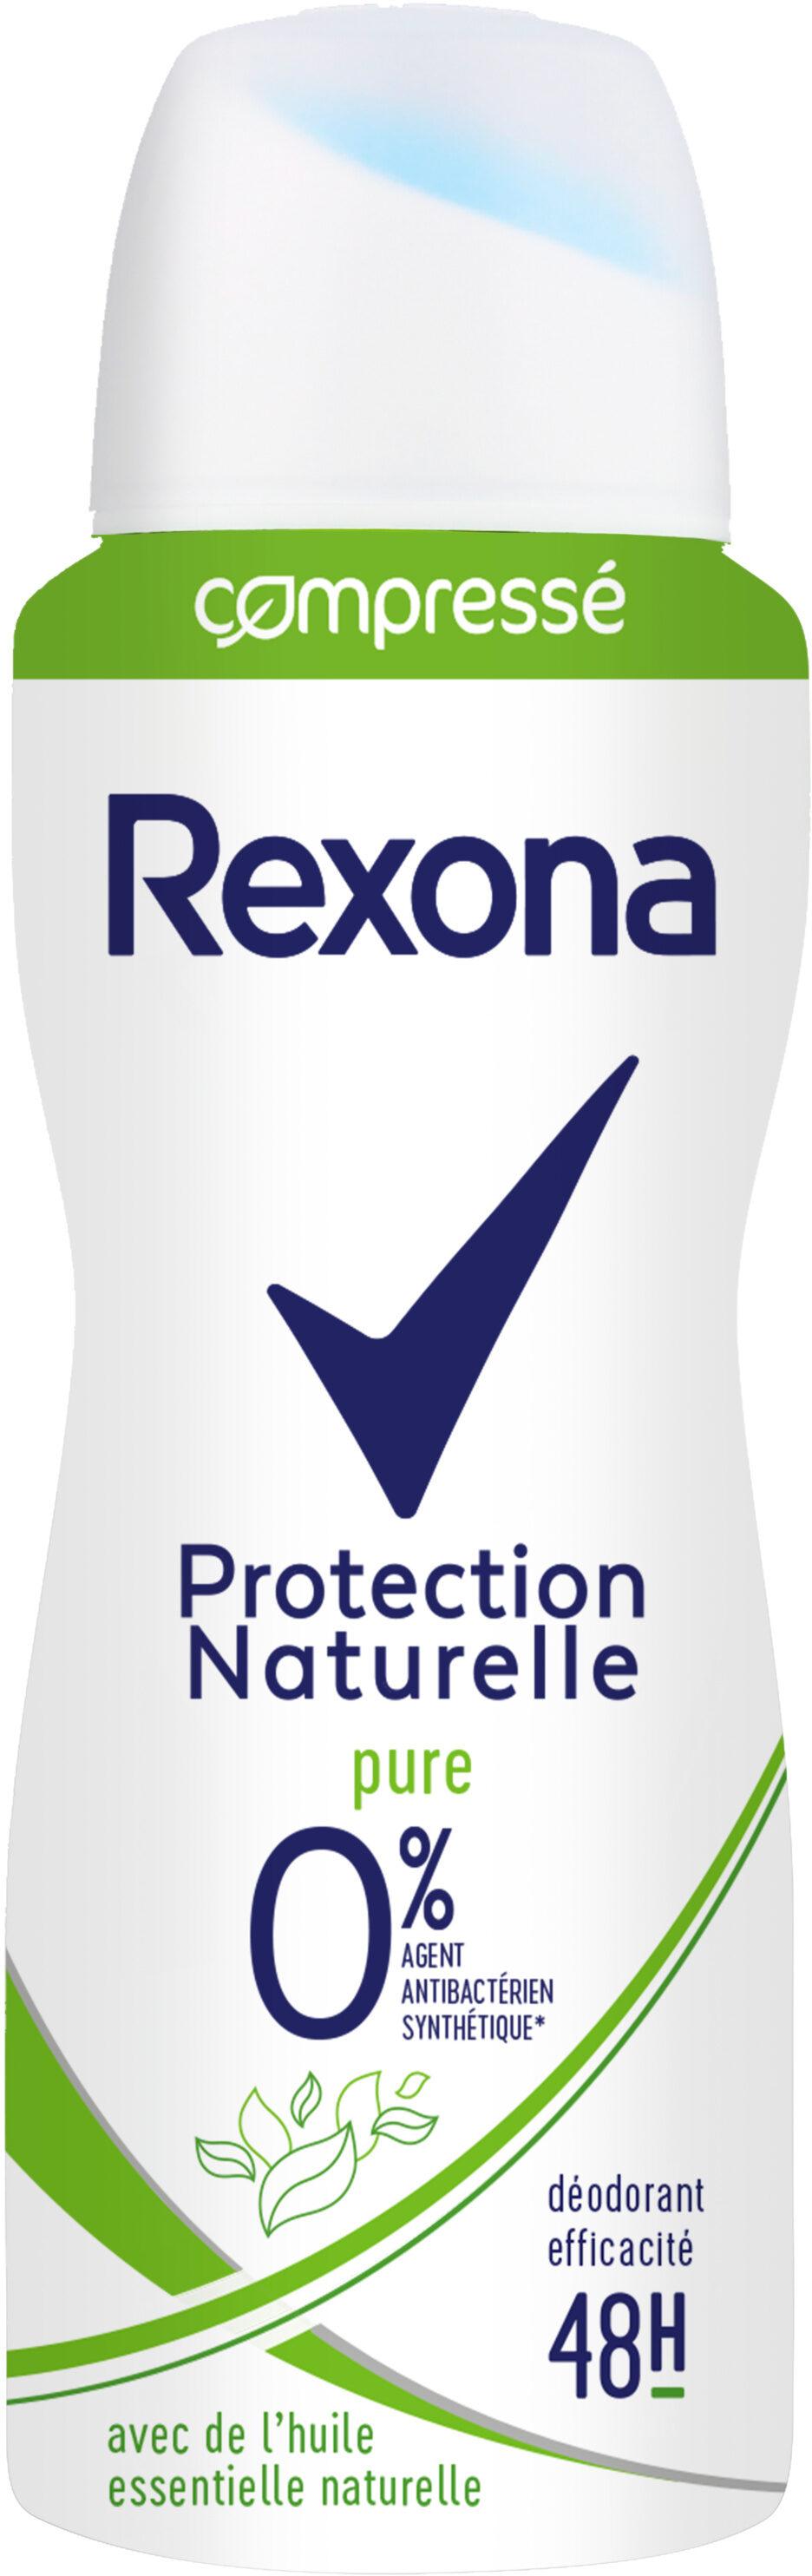 REXONA Déodorant Femme Spray Antibactérien Protection Naturelle Pure 48H - Produit - fr